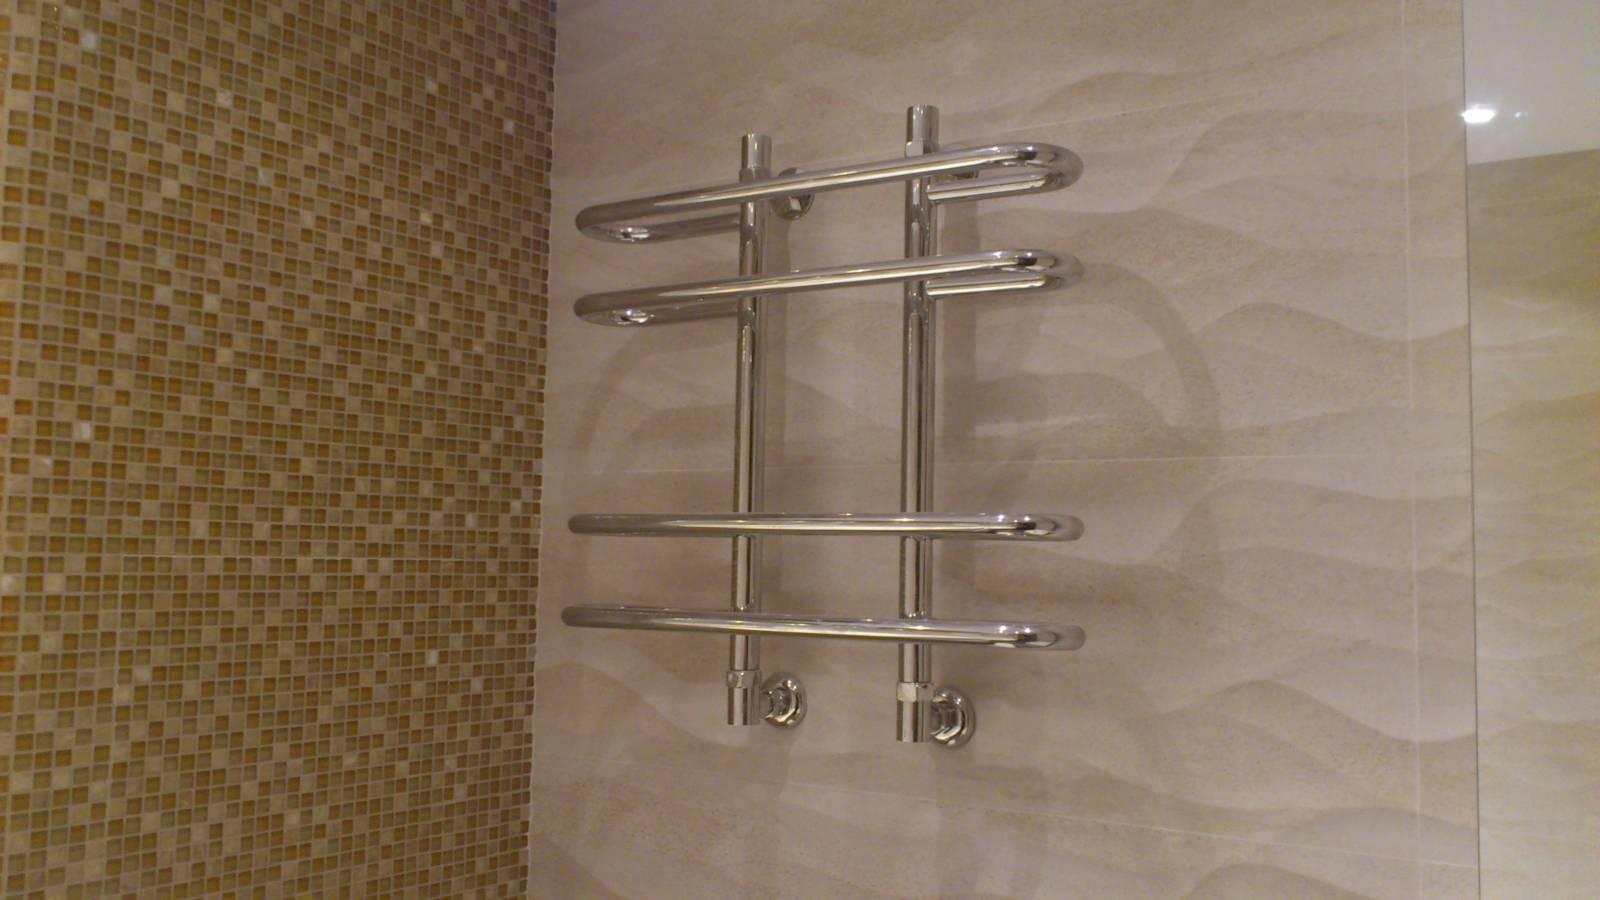 Схема на сунержа полотенцесушитель галант